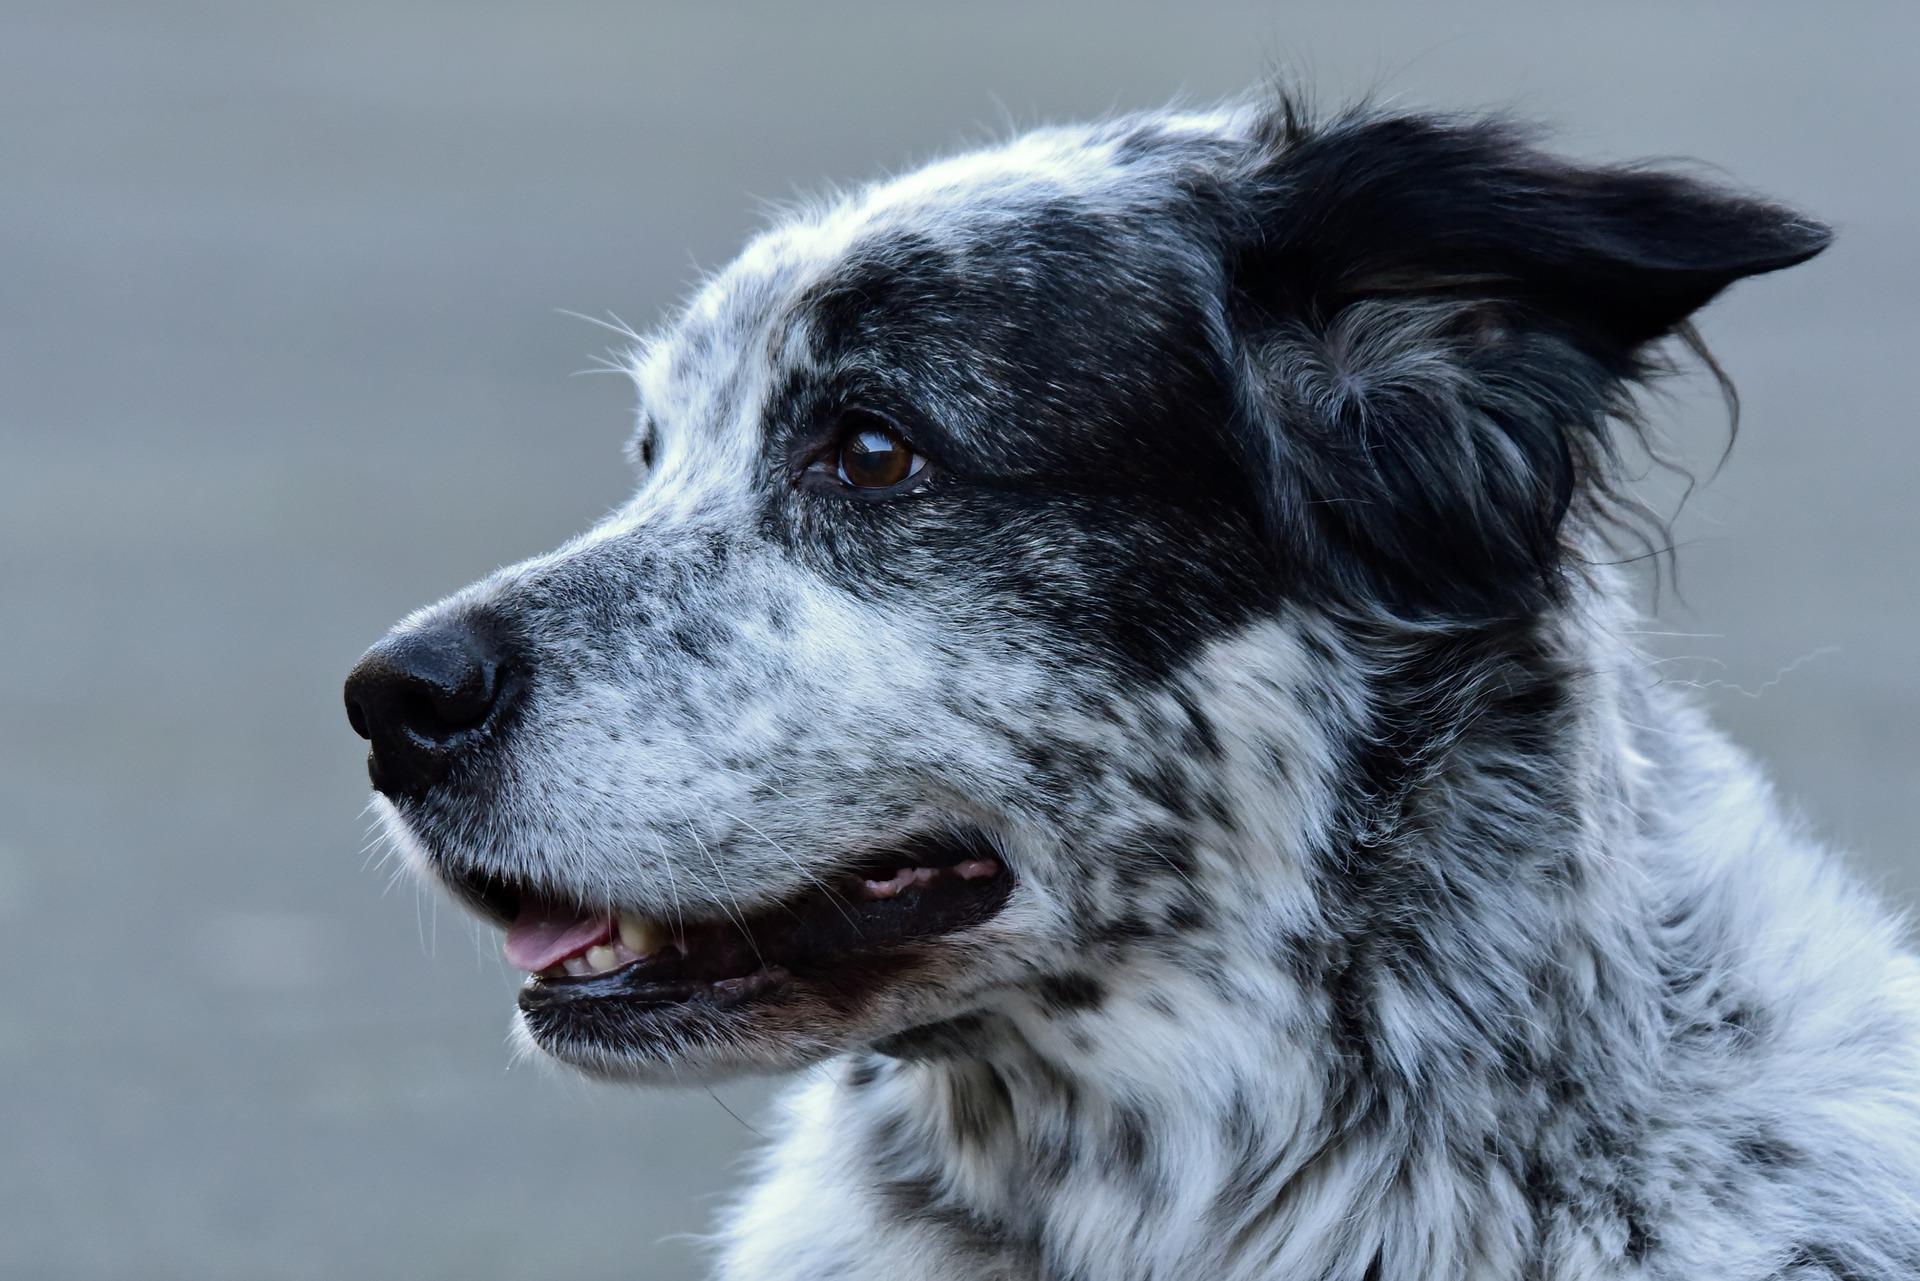 Limpia los oídos del perro con suavidad